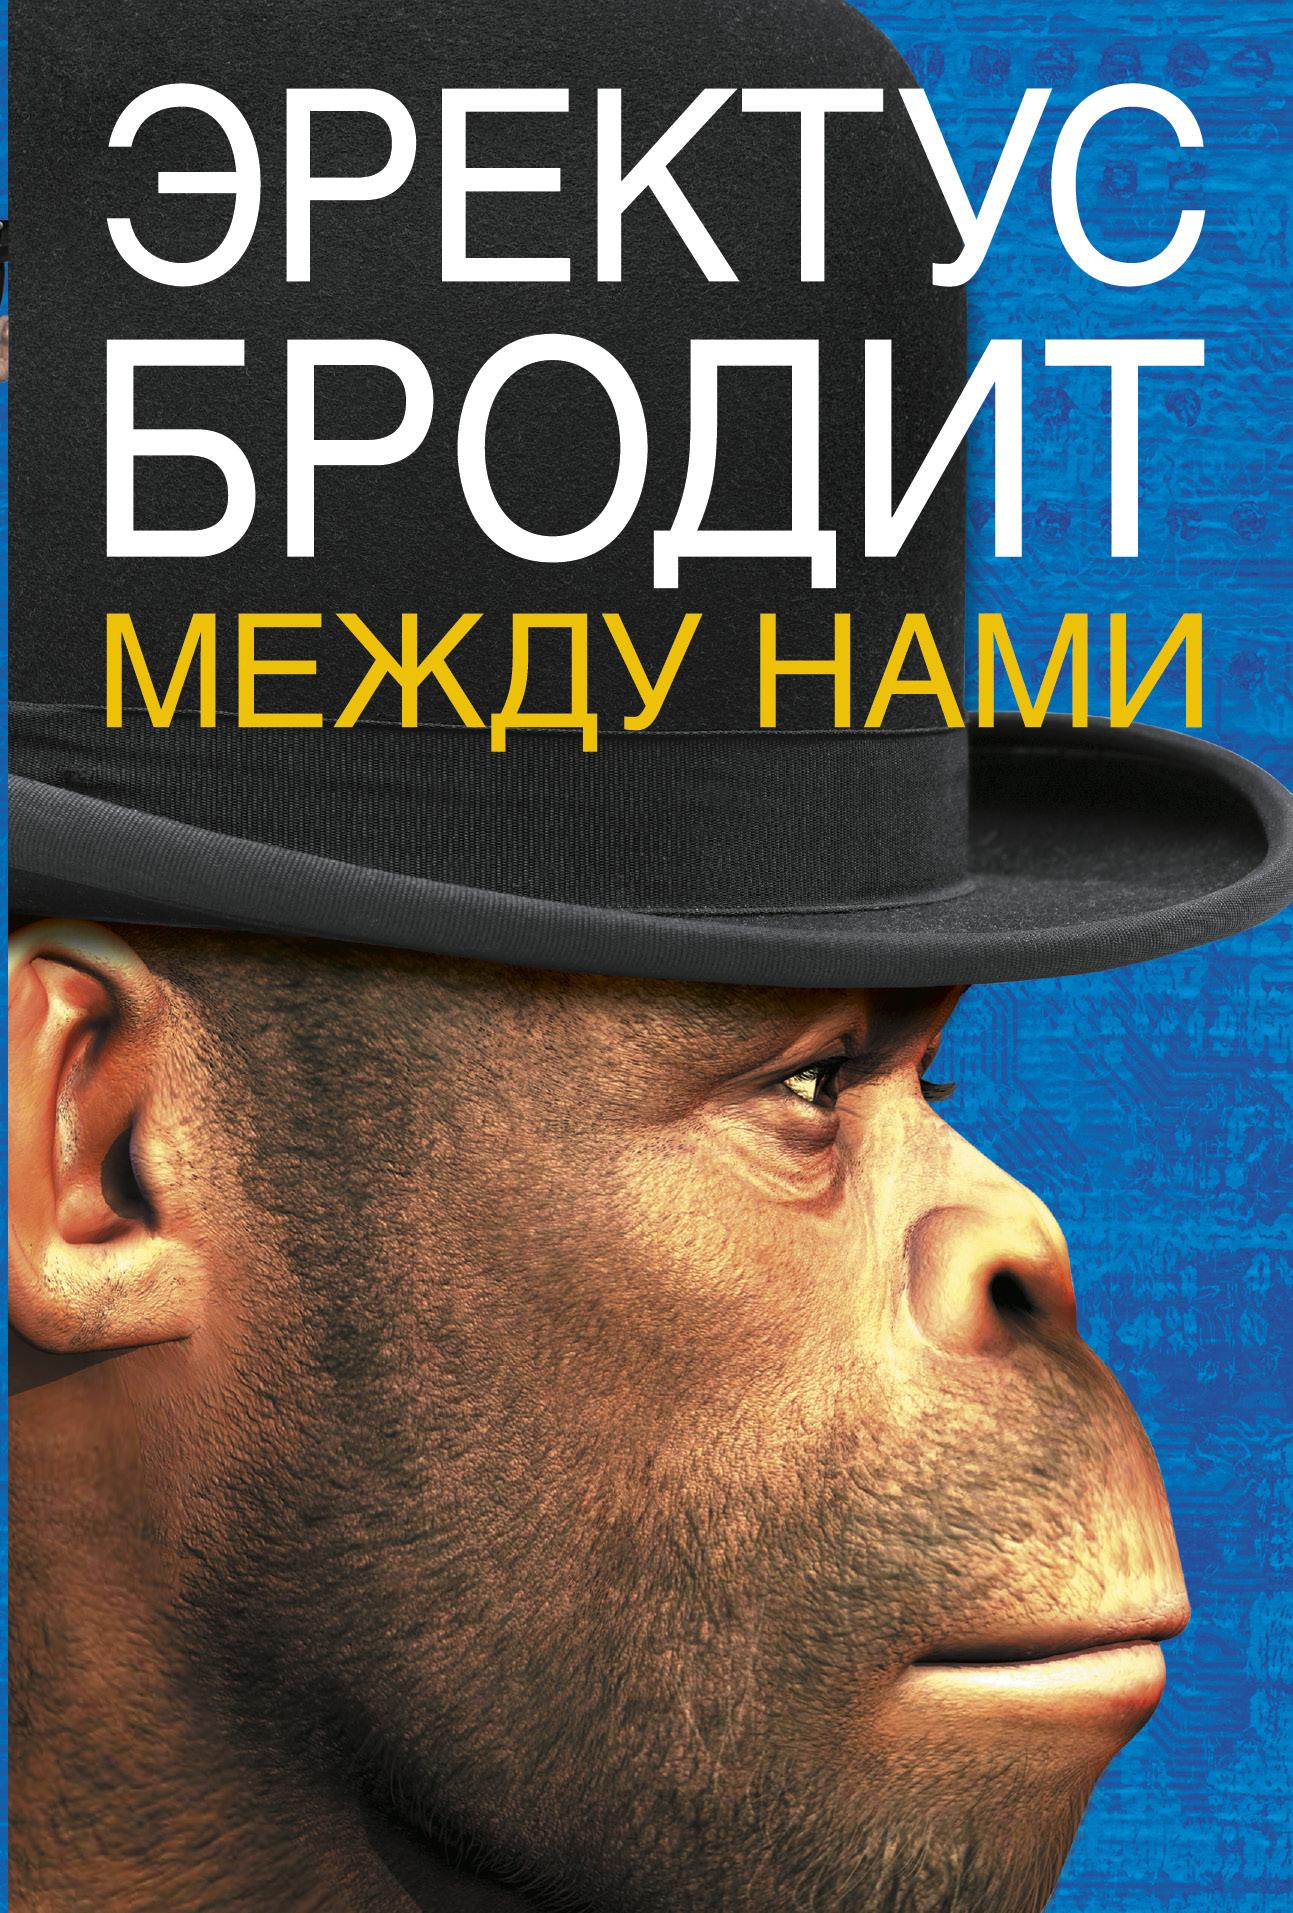 Эректус бродит между нами от book24.ru